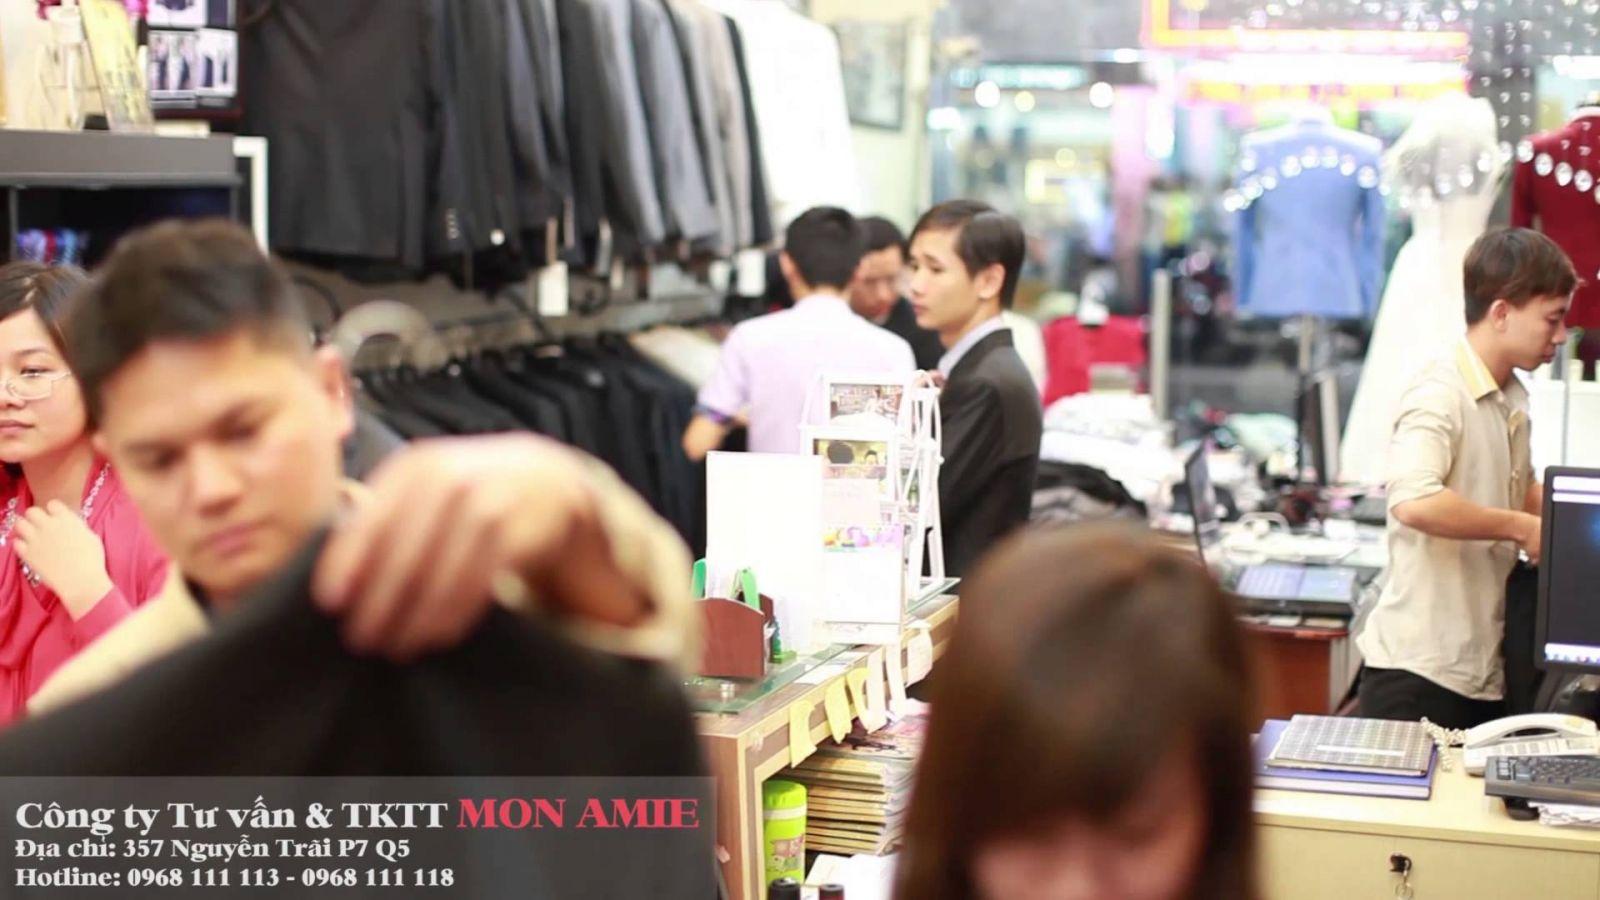 Luôn tấp nập khách hàng đến mua sắm sơ mi, áo vest ngay từ những ngày đầu tiên.